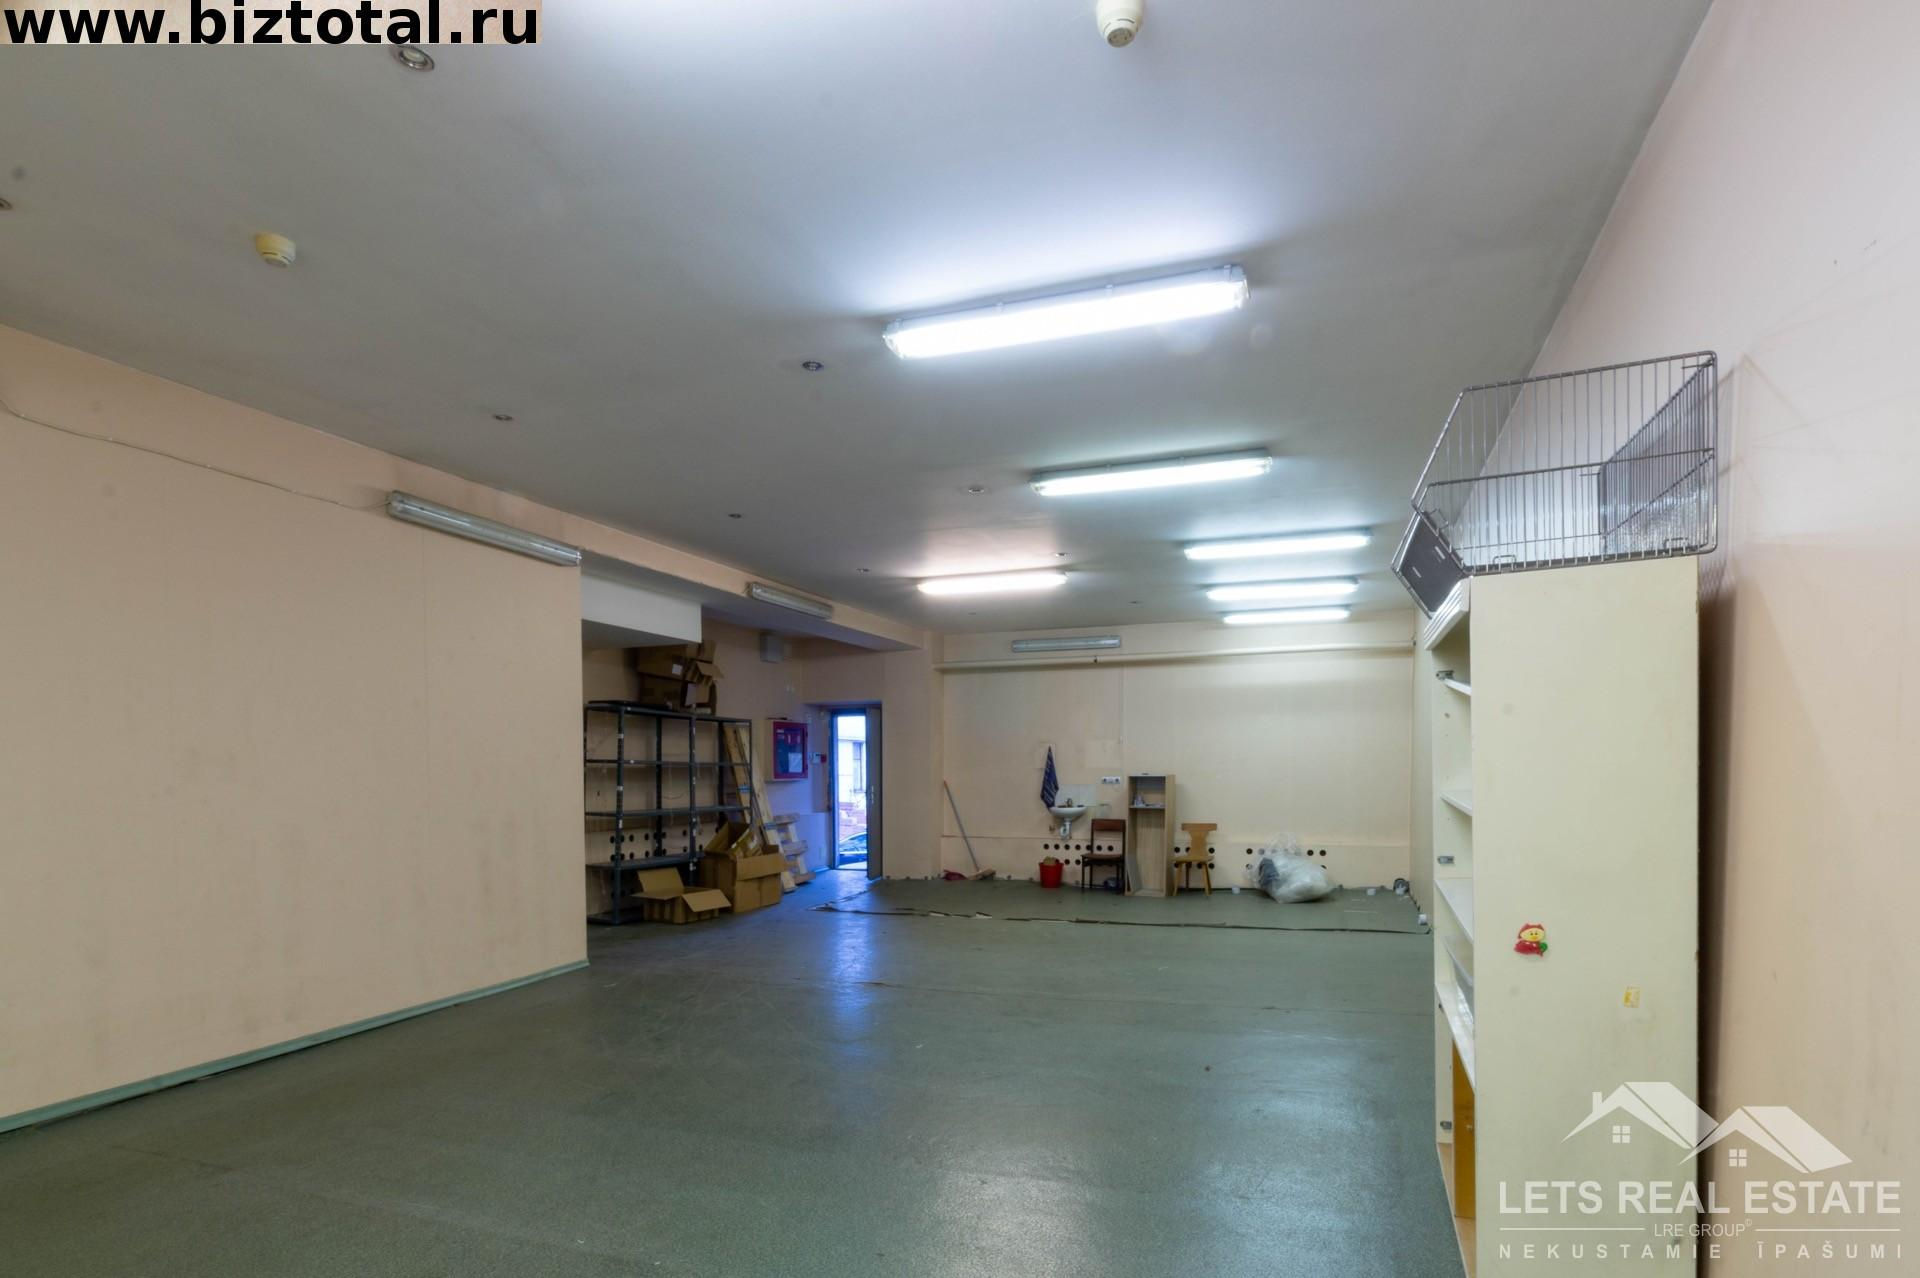 128.6 кв.м., складские помещение, Ганибу дамбис 36, Саркандаугава, Рига, Латвия.